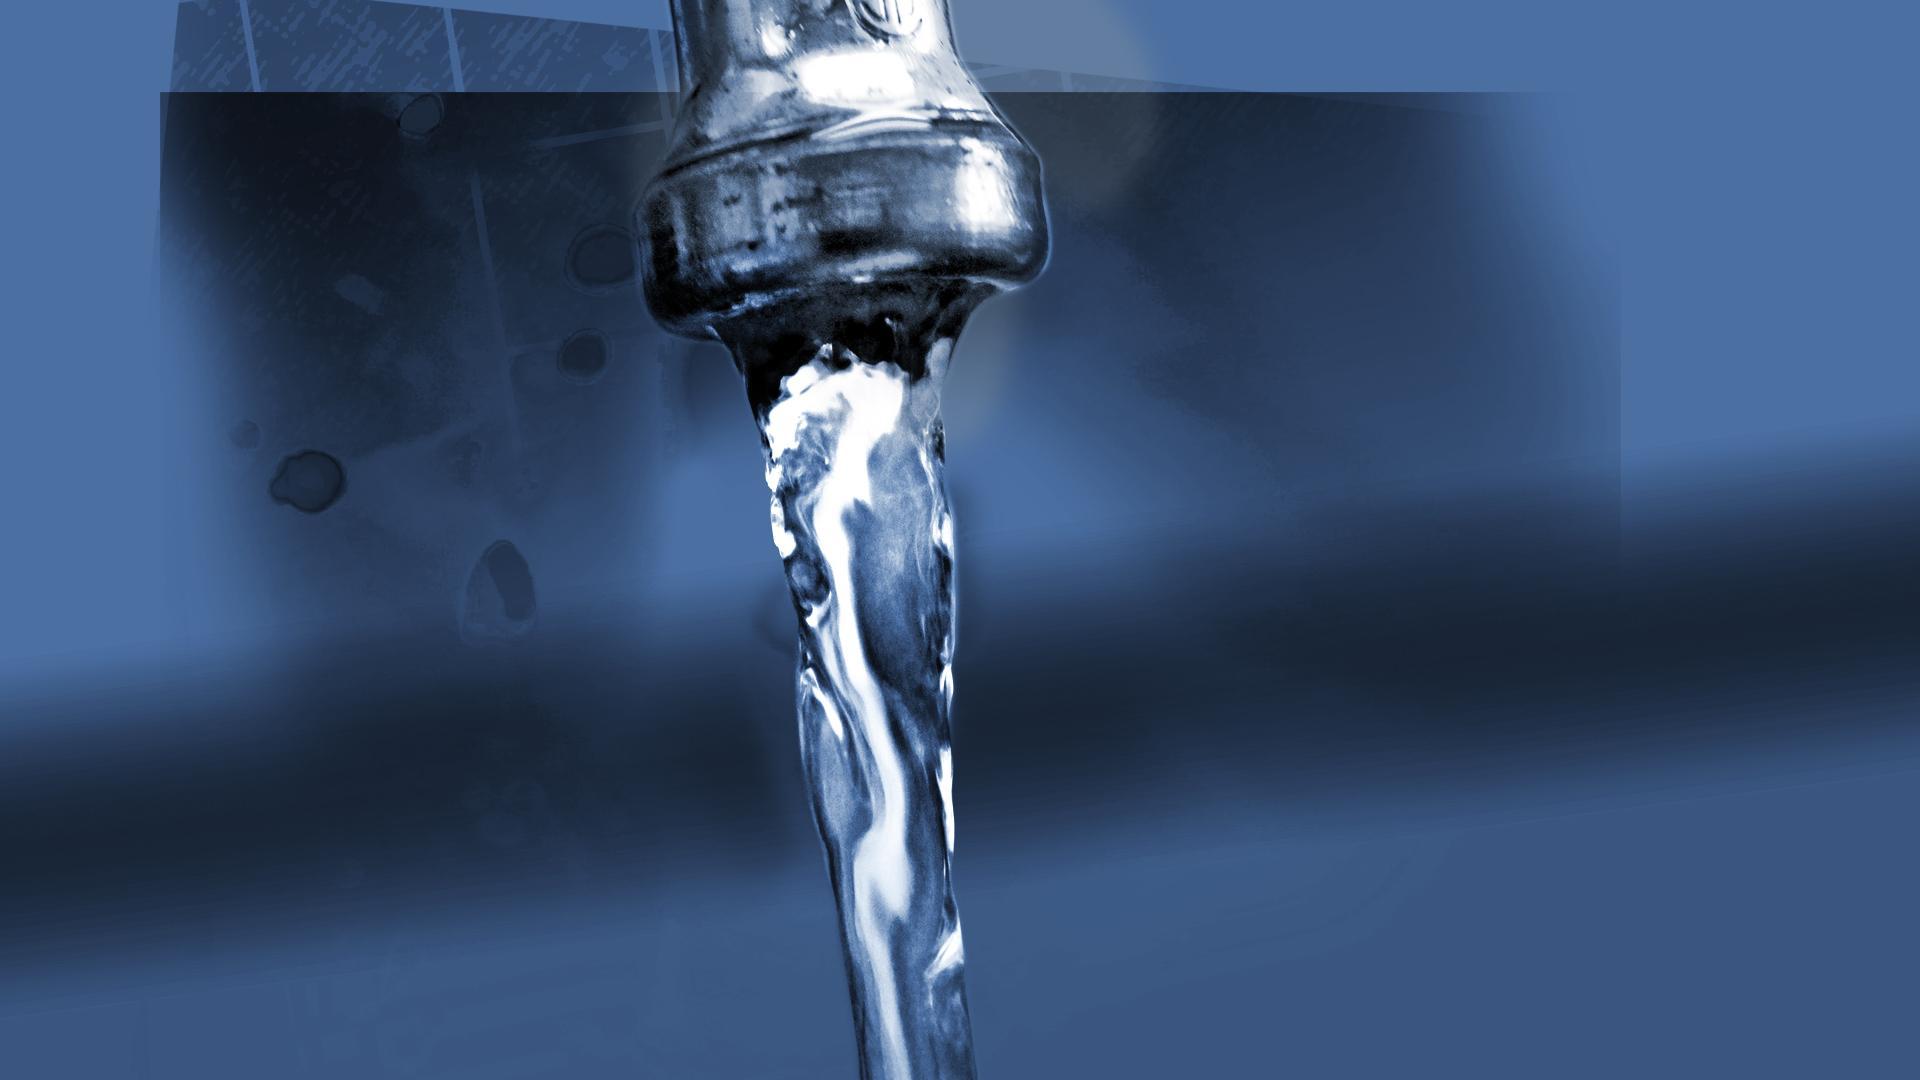 tap-water-faucet_211841